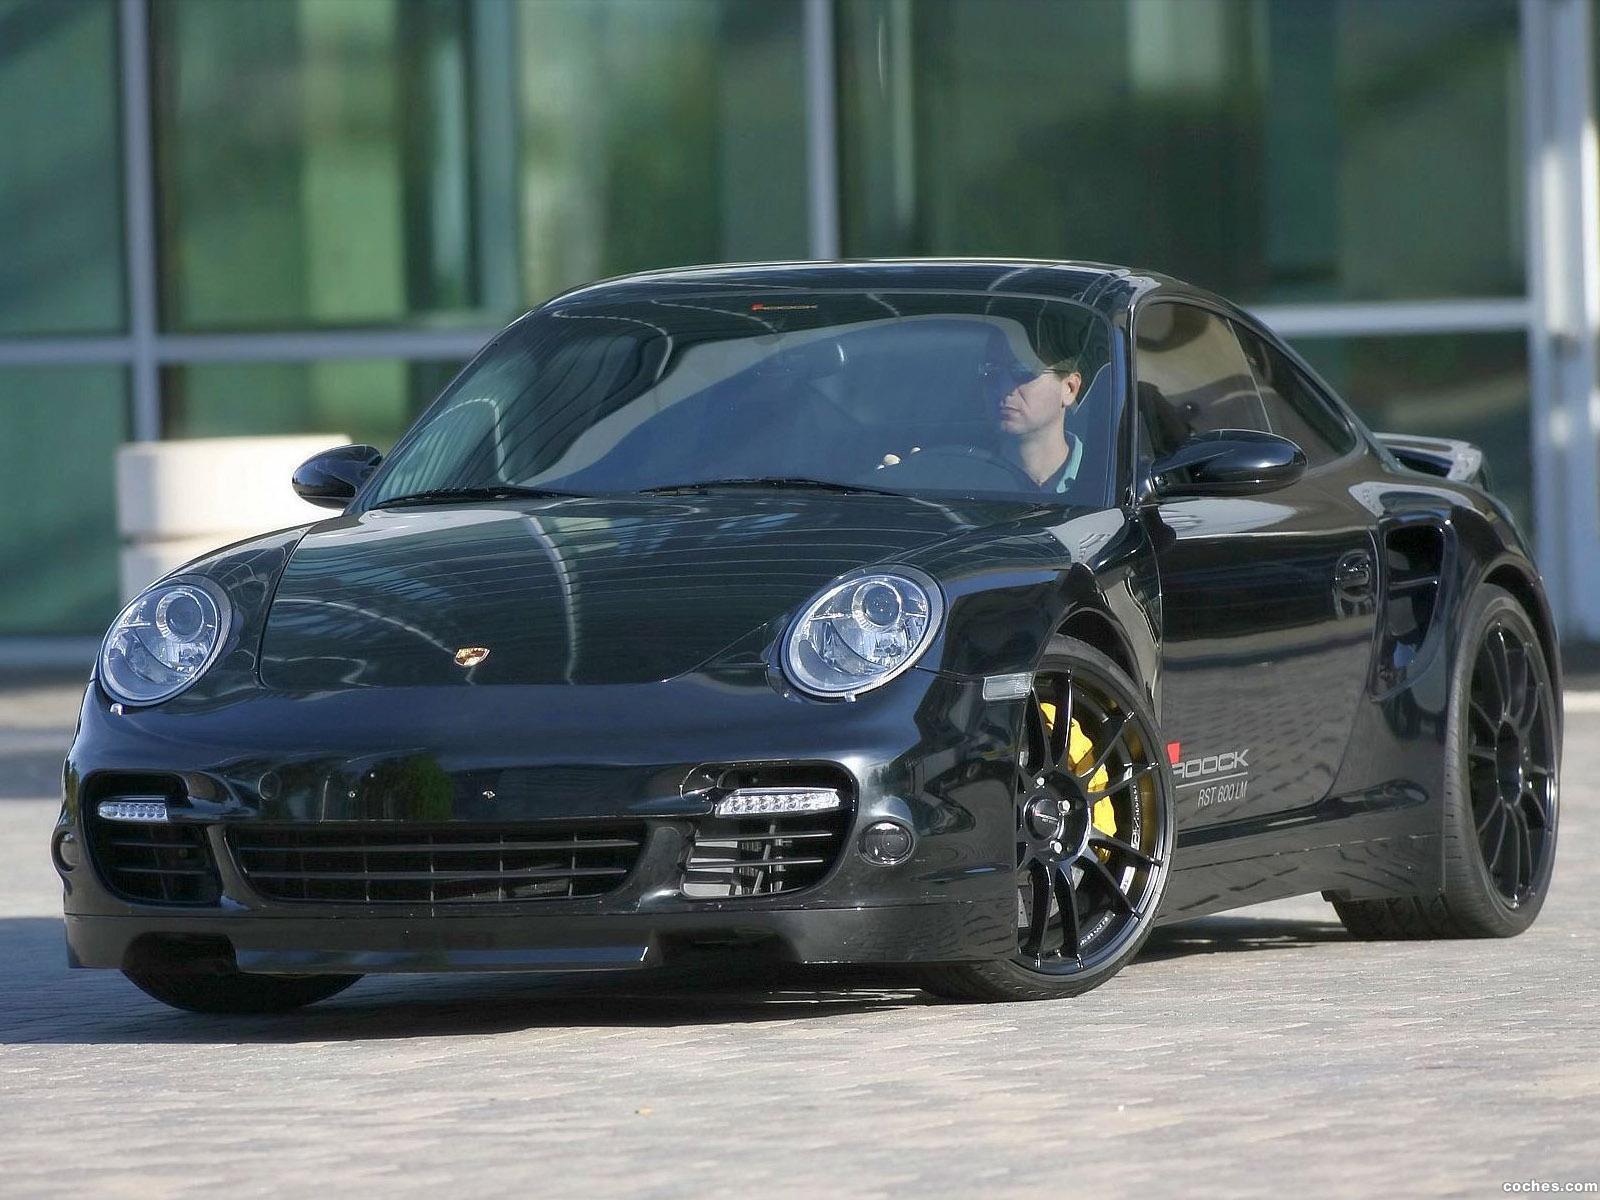 Foto 0 de Porsche 911 Turbo RST Roock 600 LM 2009